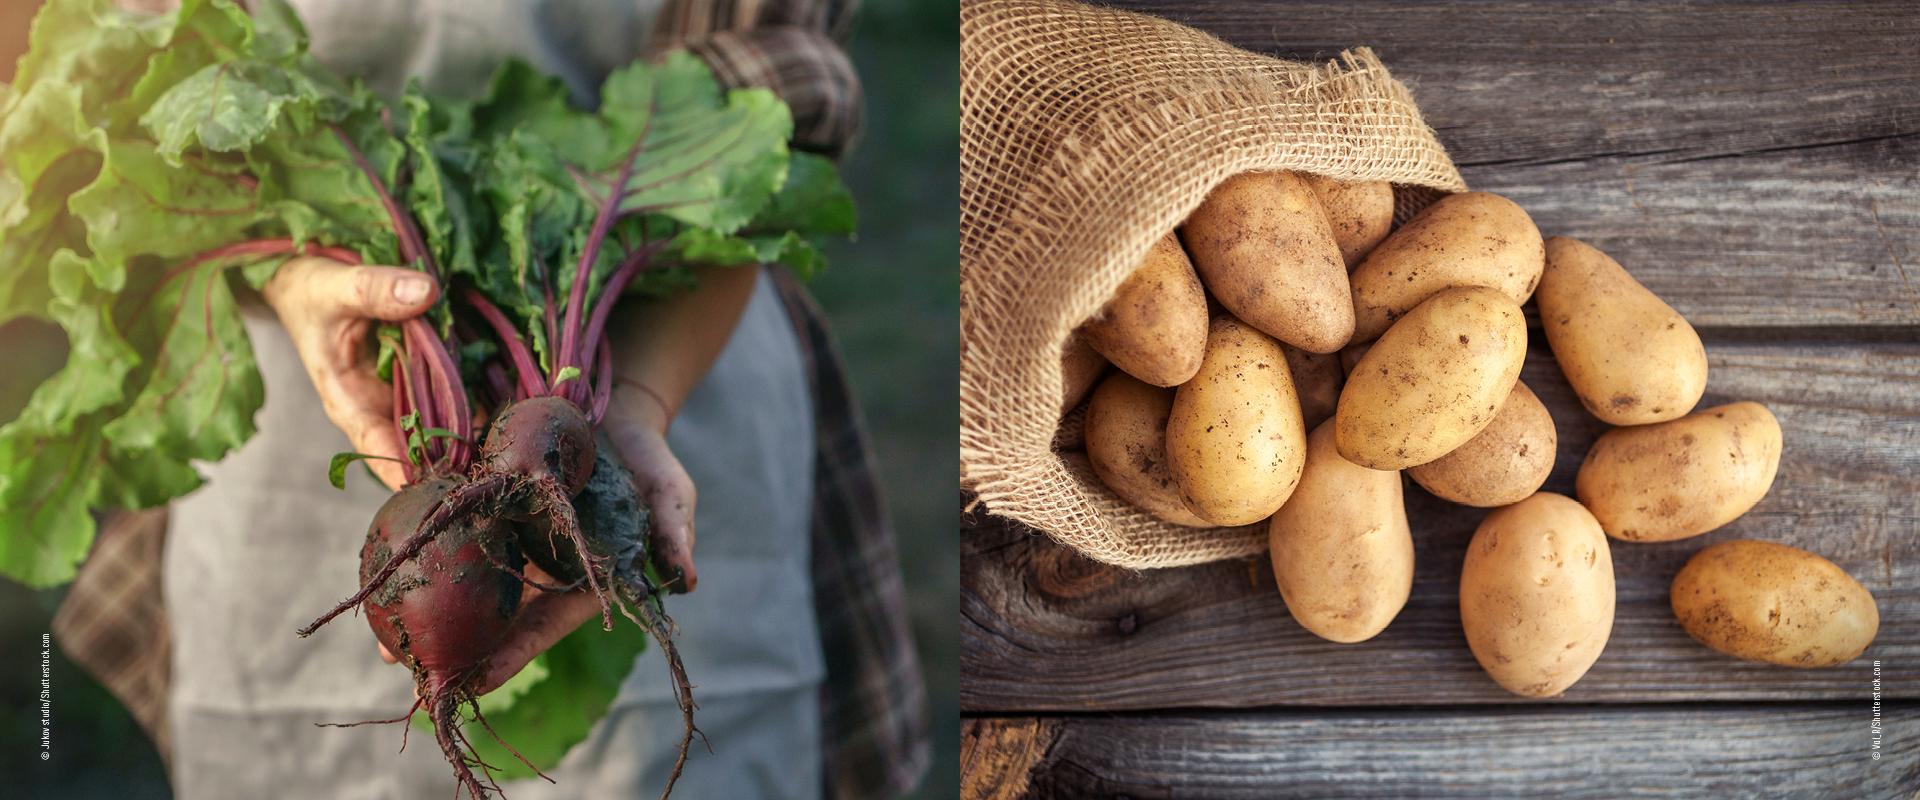 Knollen Rote Bete und Kartoffeln